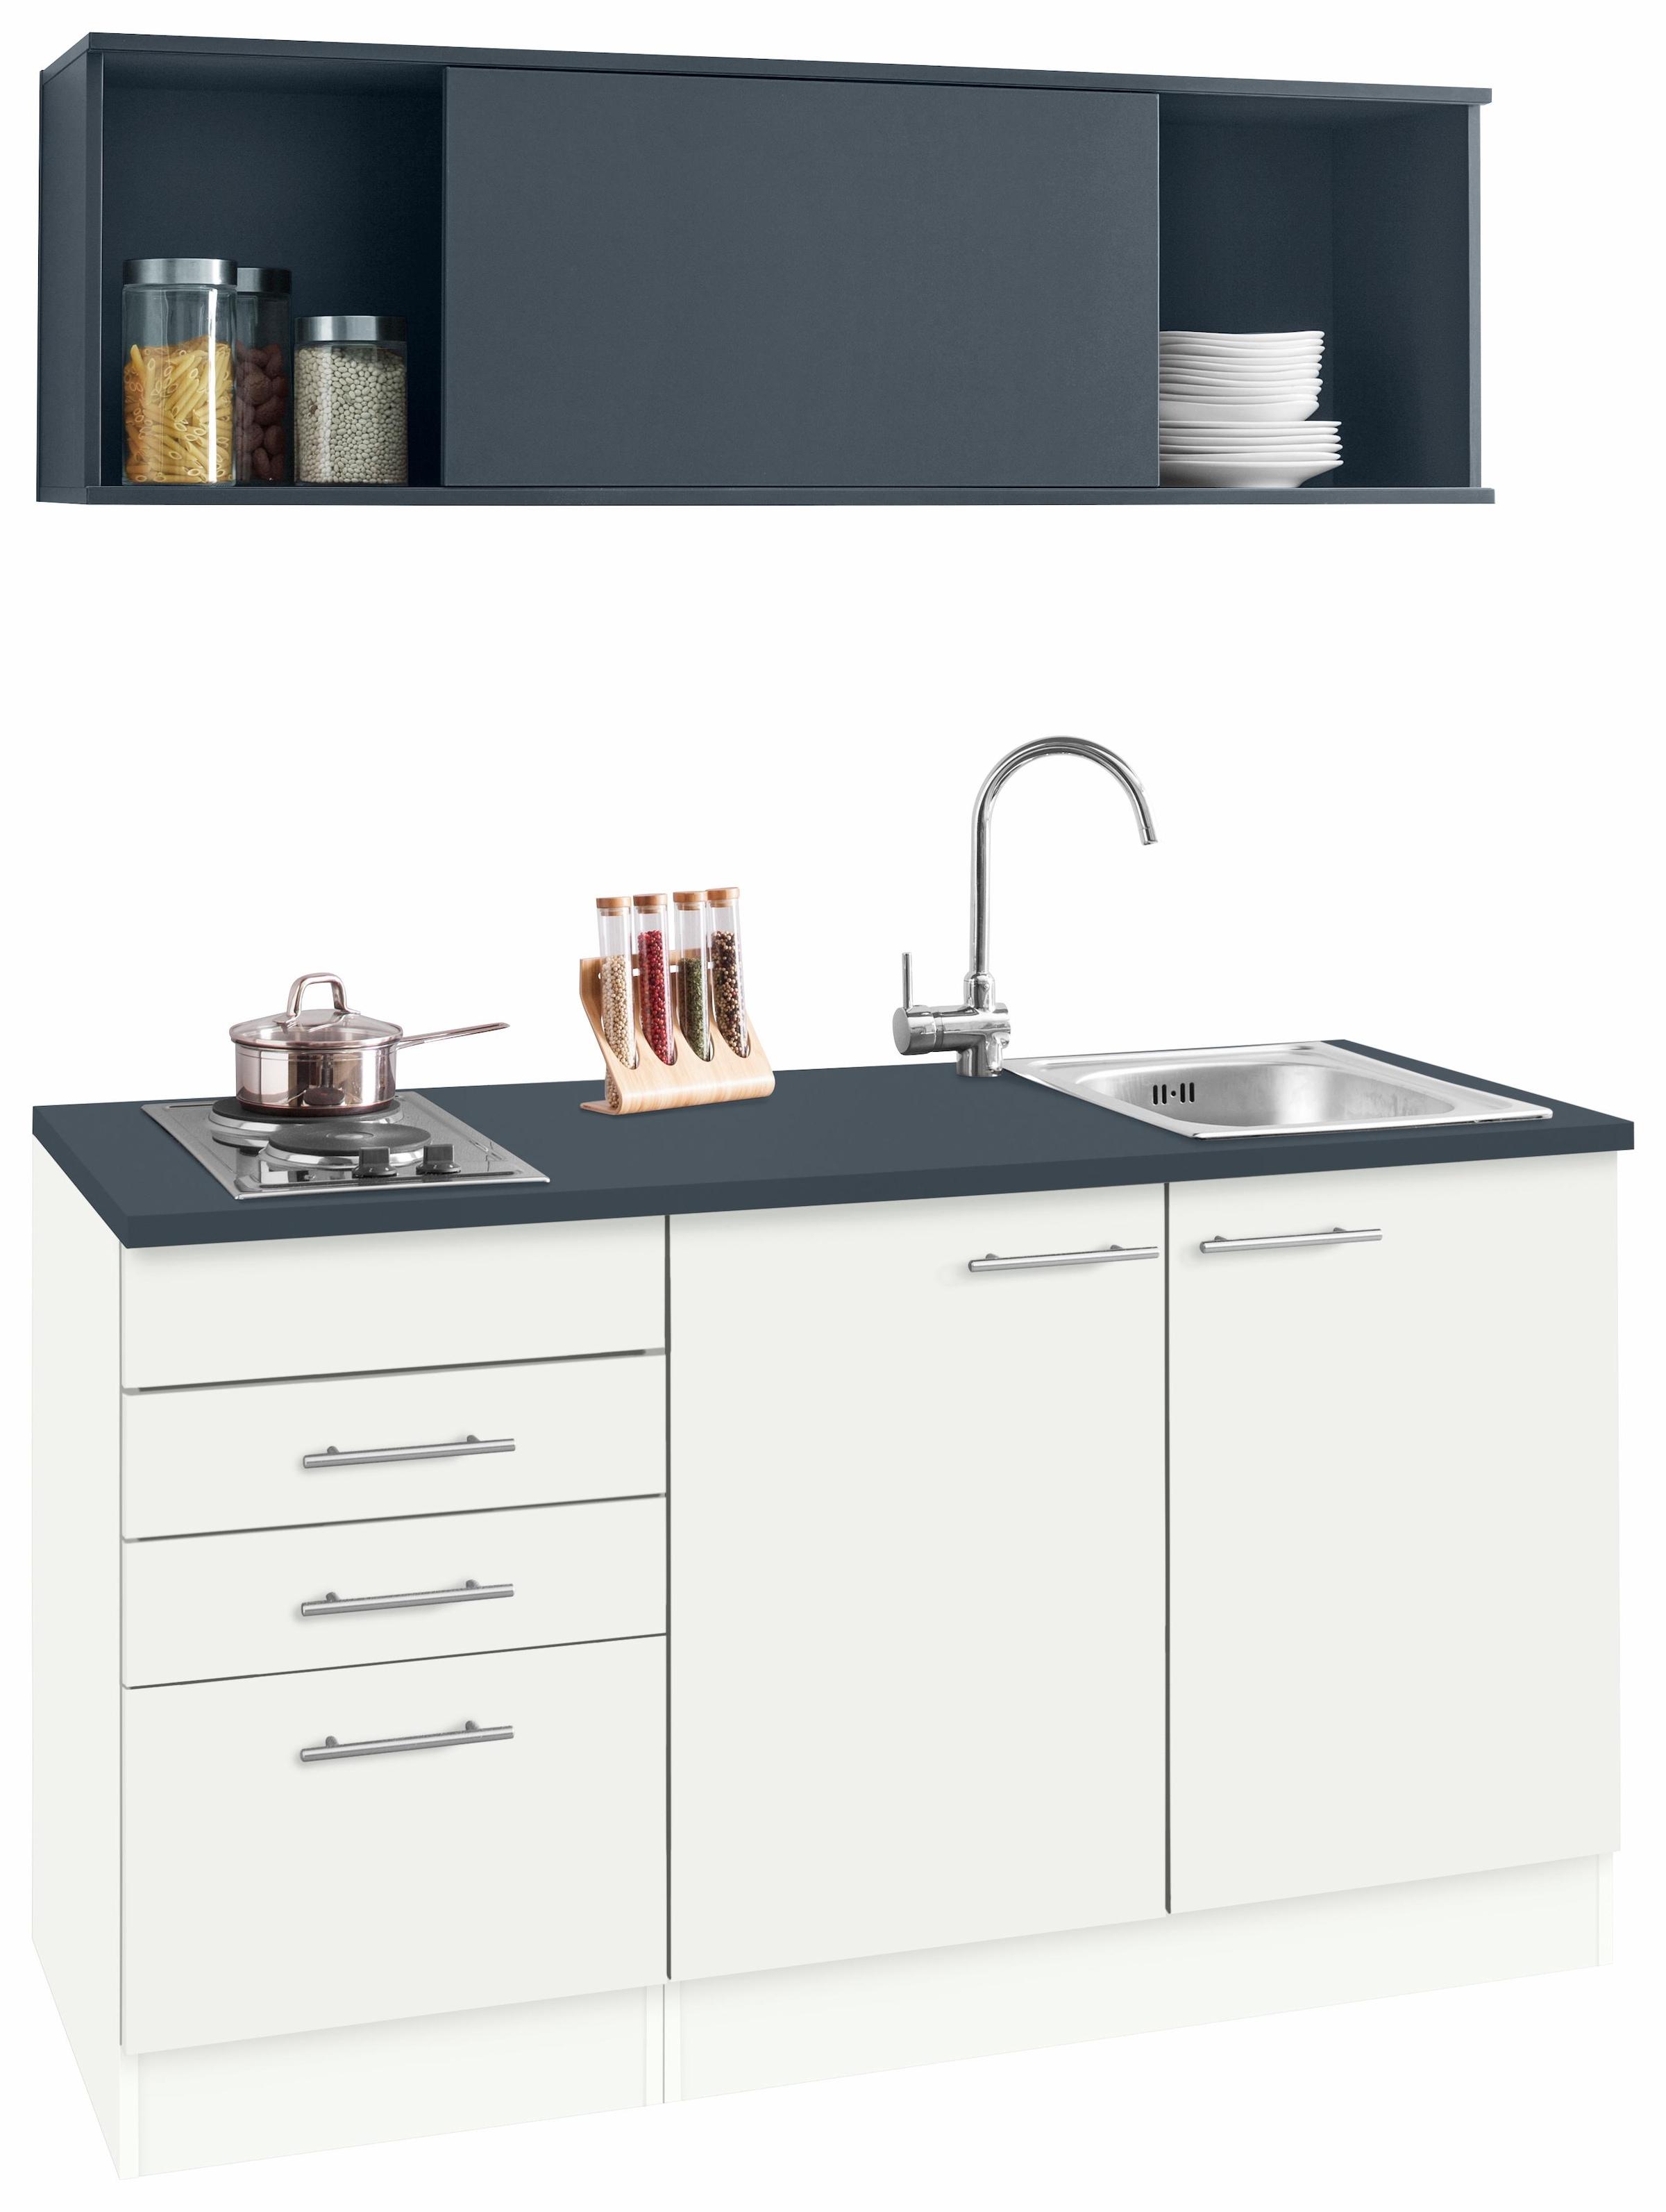 Miniküche Ohne Kühlschrank : Küchenzeilen ohne geräte online bestellen quelle